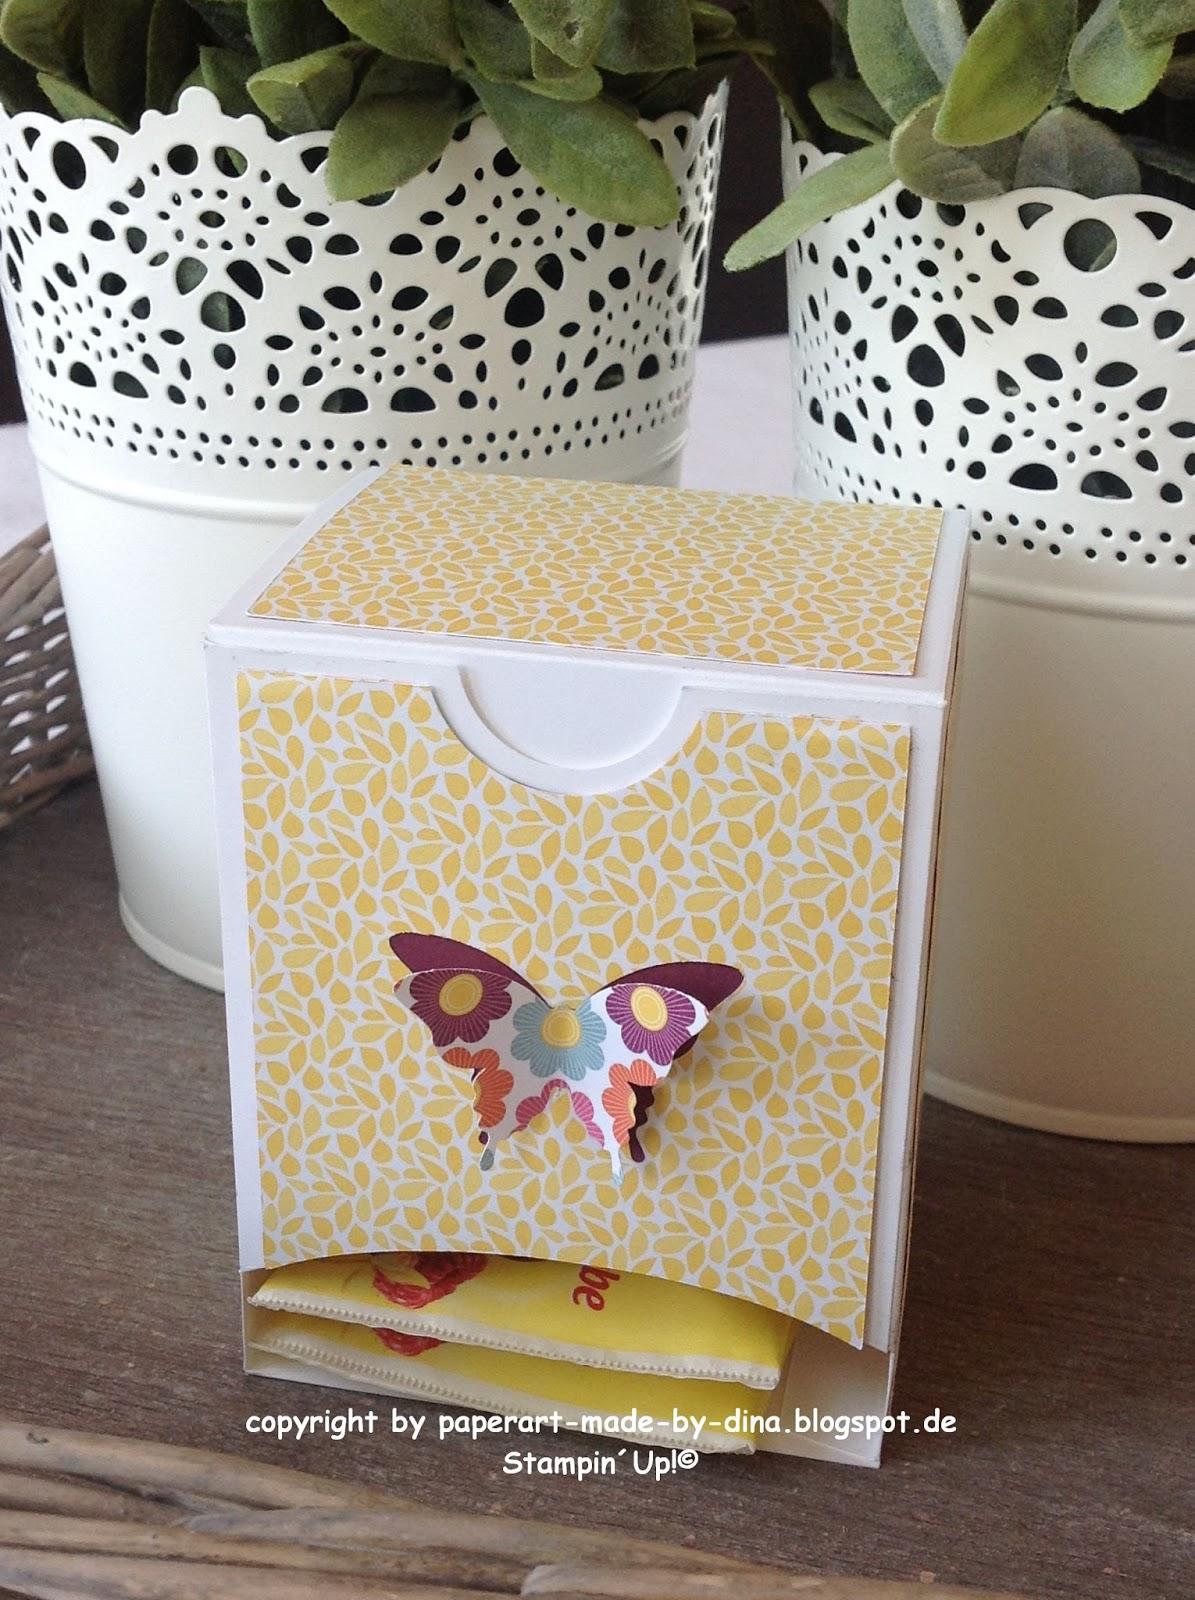 Sch nes aus papier handgemacht teebeutelspender tutorial - Geschenke pinterest ...